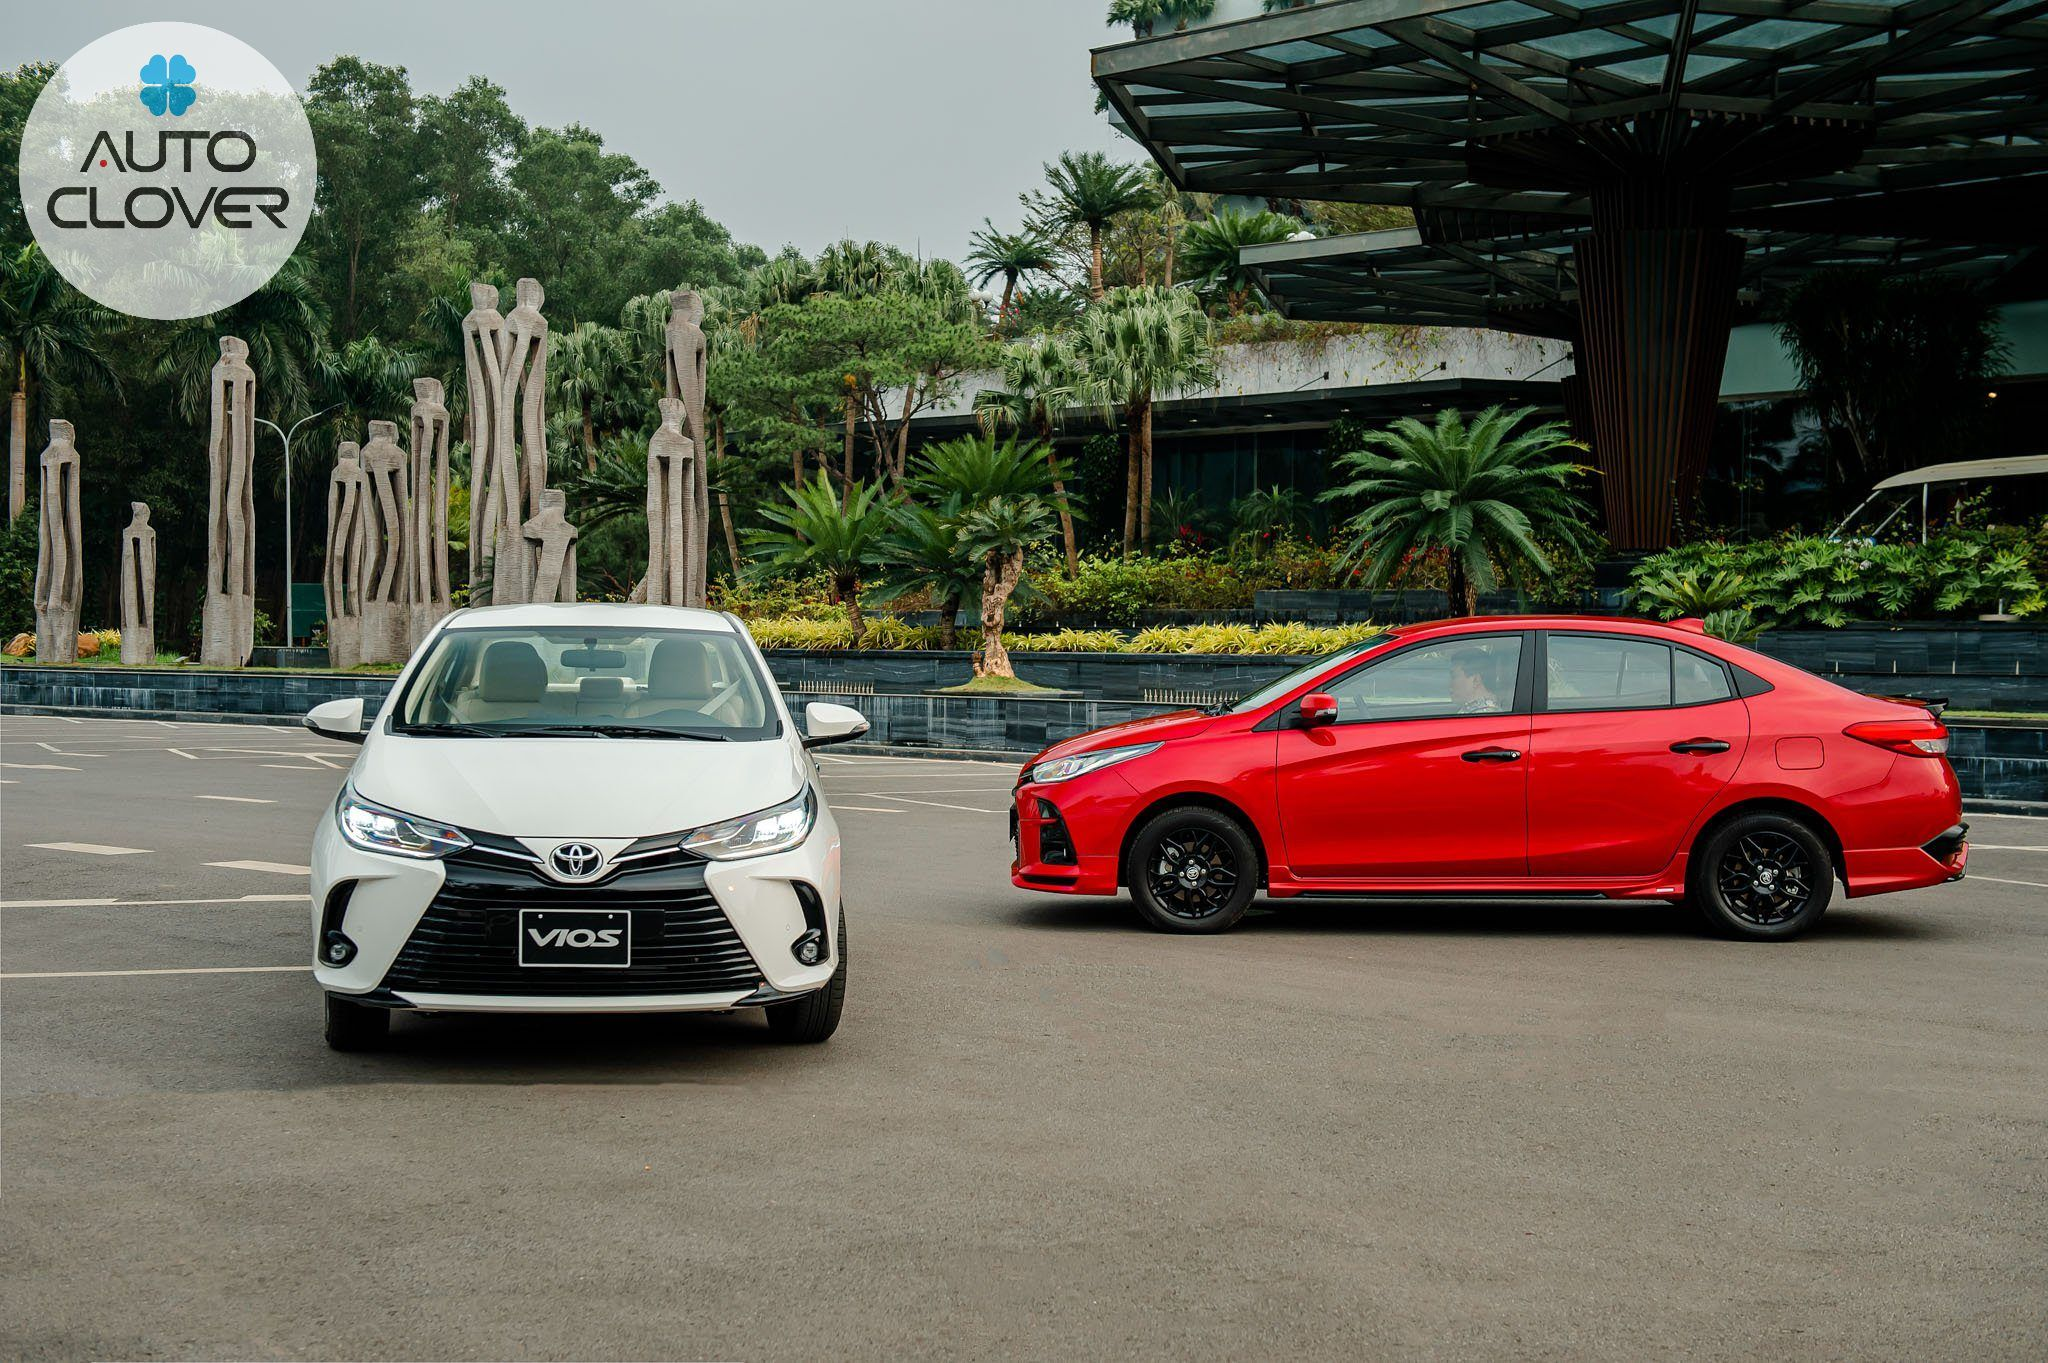 Xe ô tô mới giá 500 triệu Vios 2021 đưa ra mắt giá tại thị trong nước quá cạnh tranh.